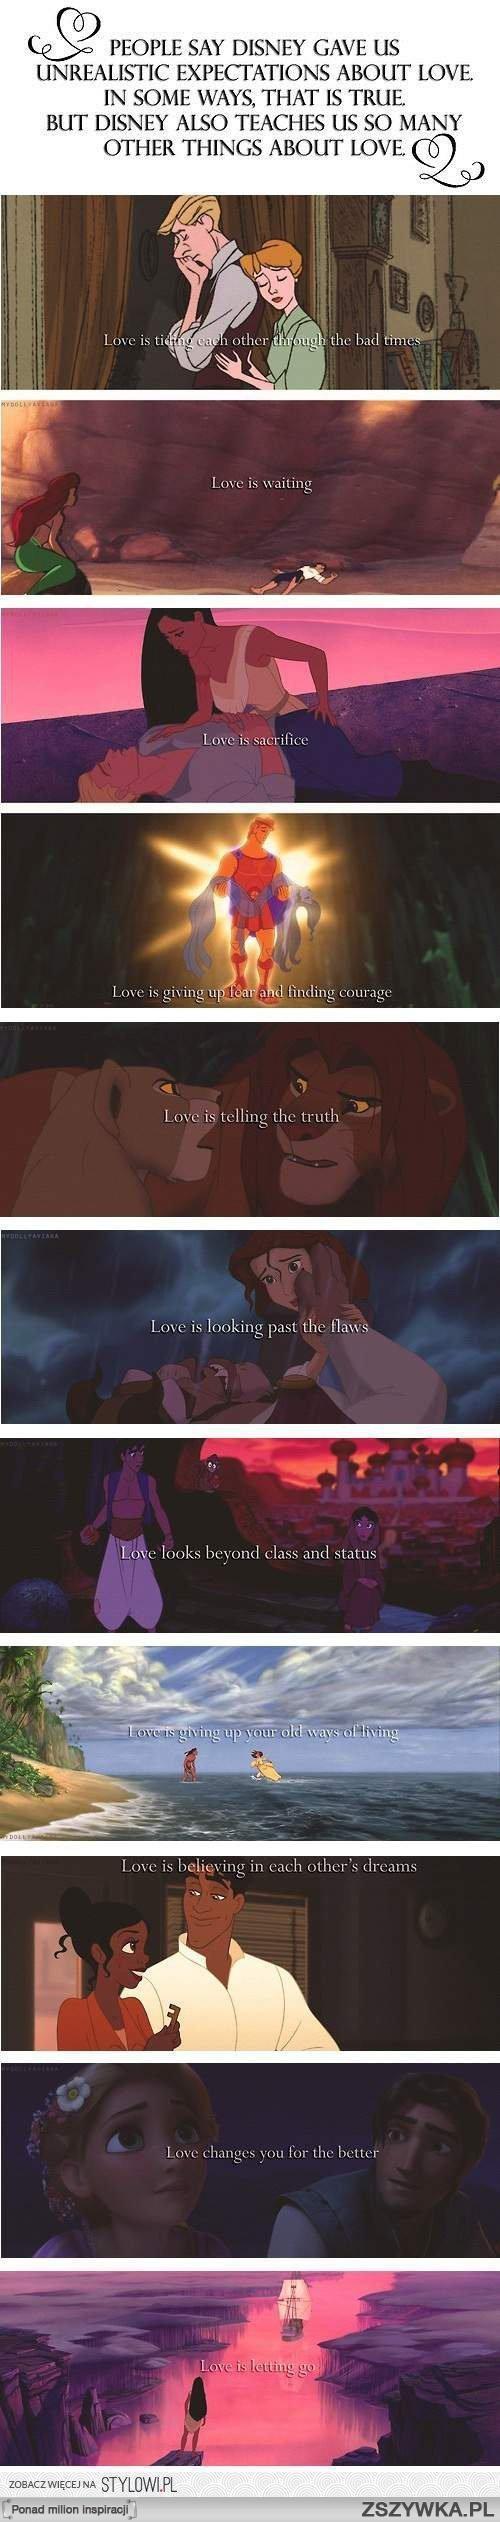 Miłość W Bajkach Disneya 3 Na Cytaty Zszywkapl